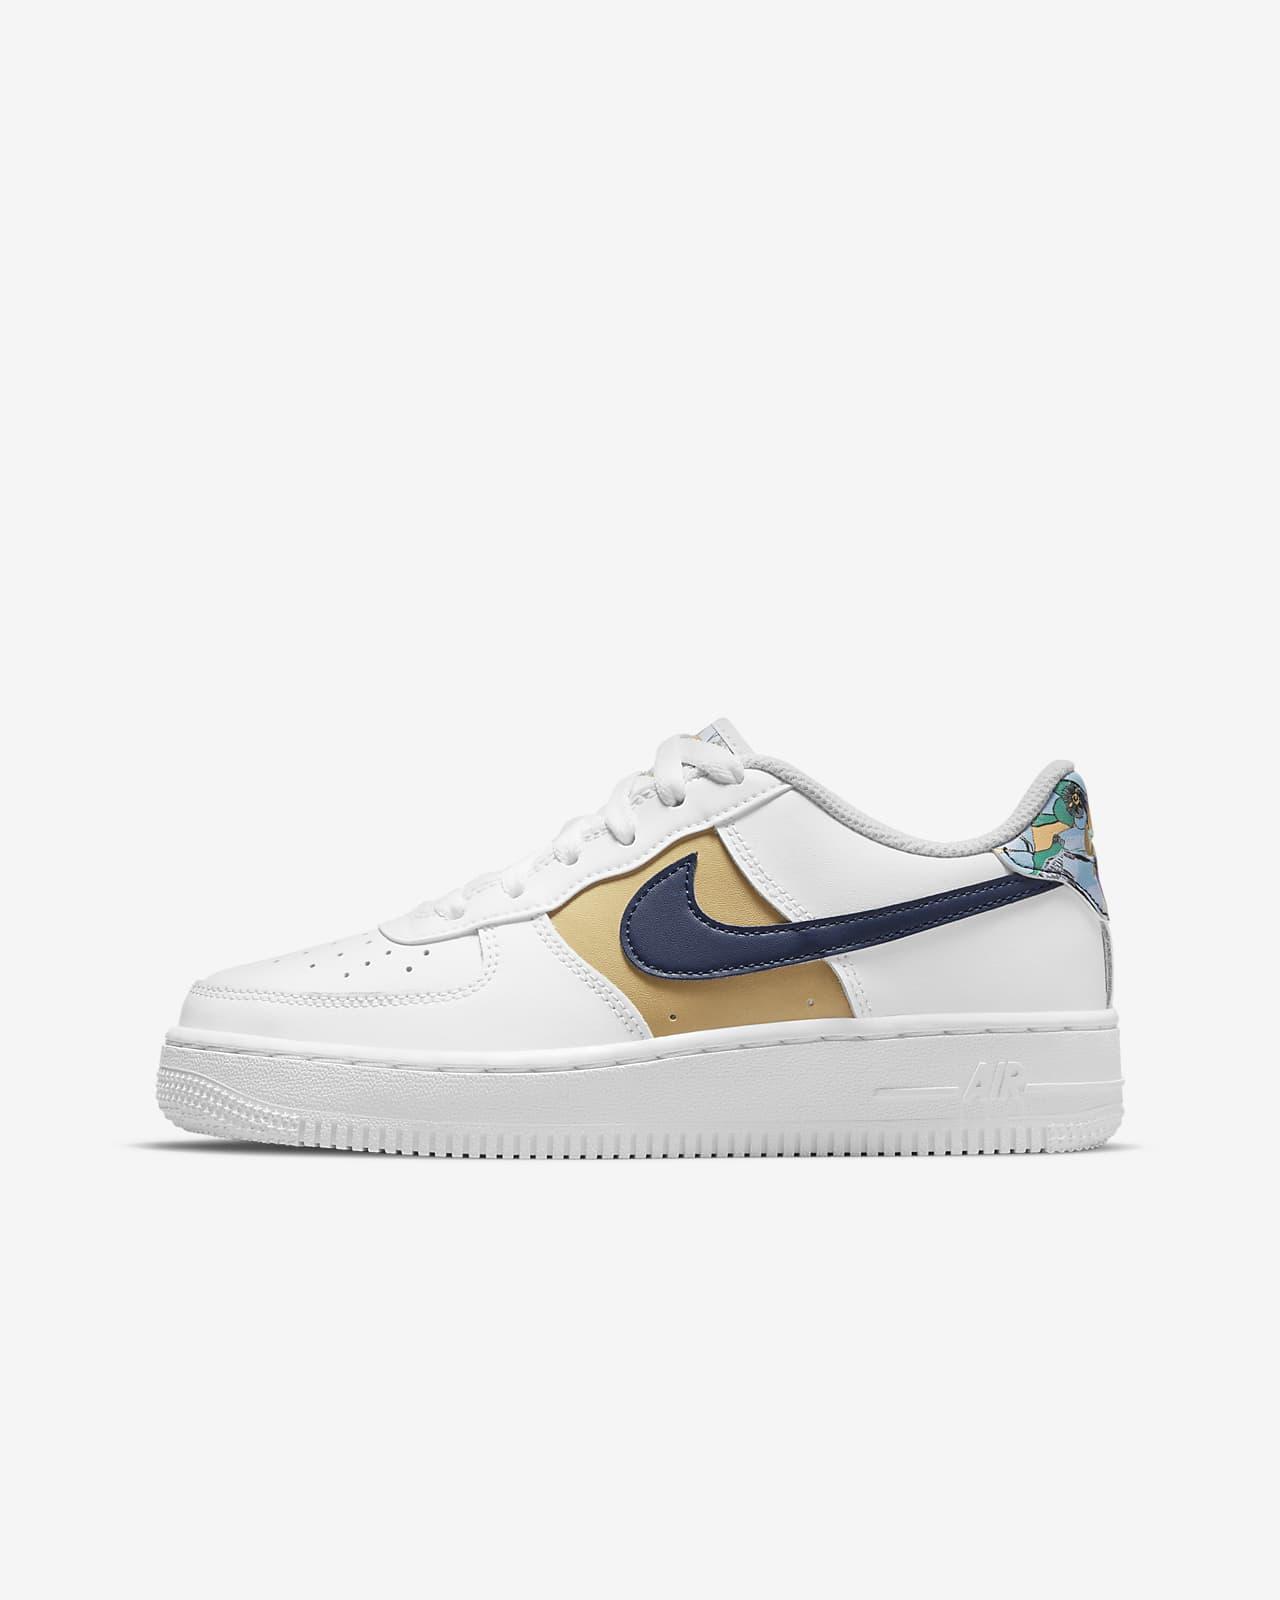 Παπούτσι Nike Air Force 1 Low LV8 για μεγάλα παιδιά